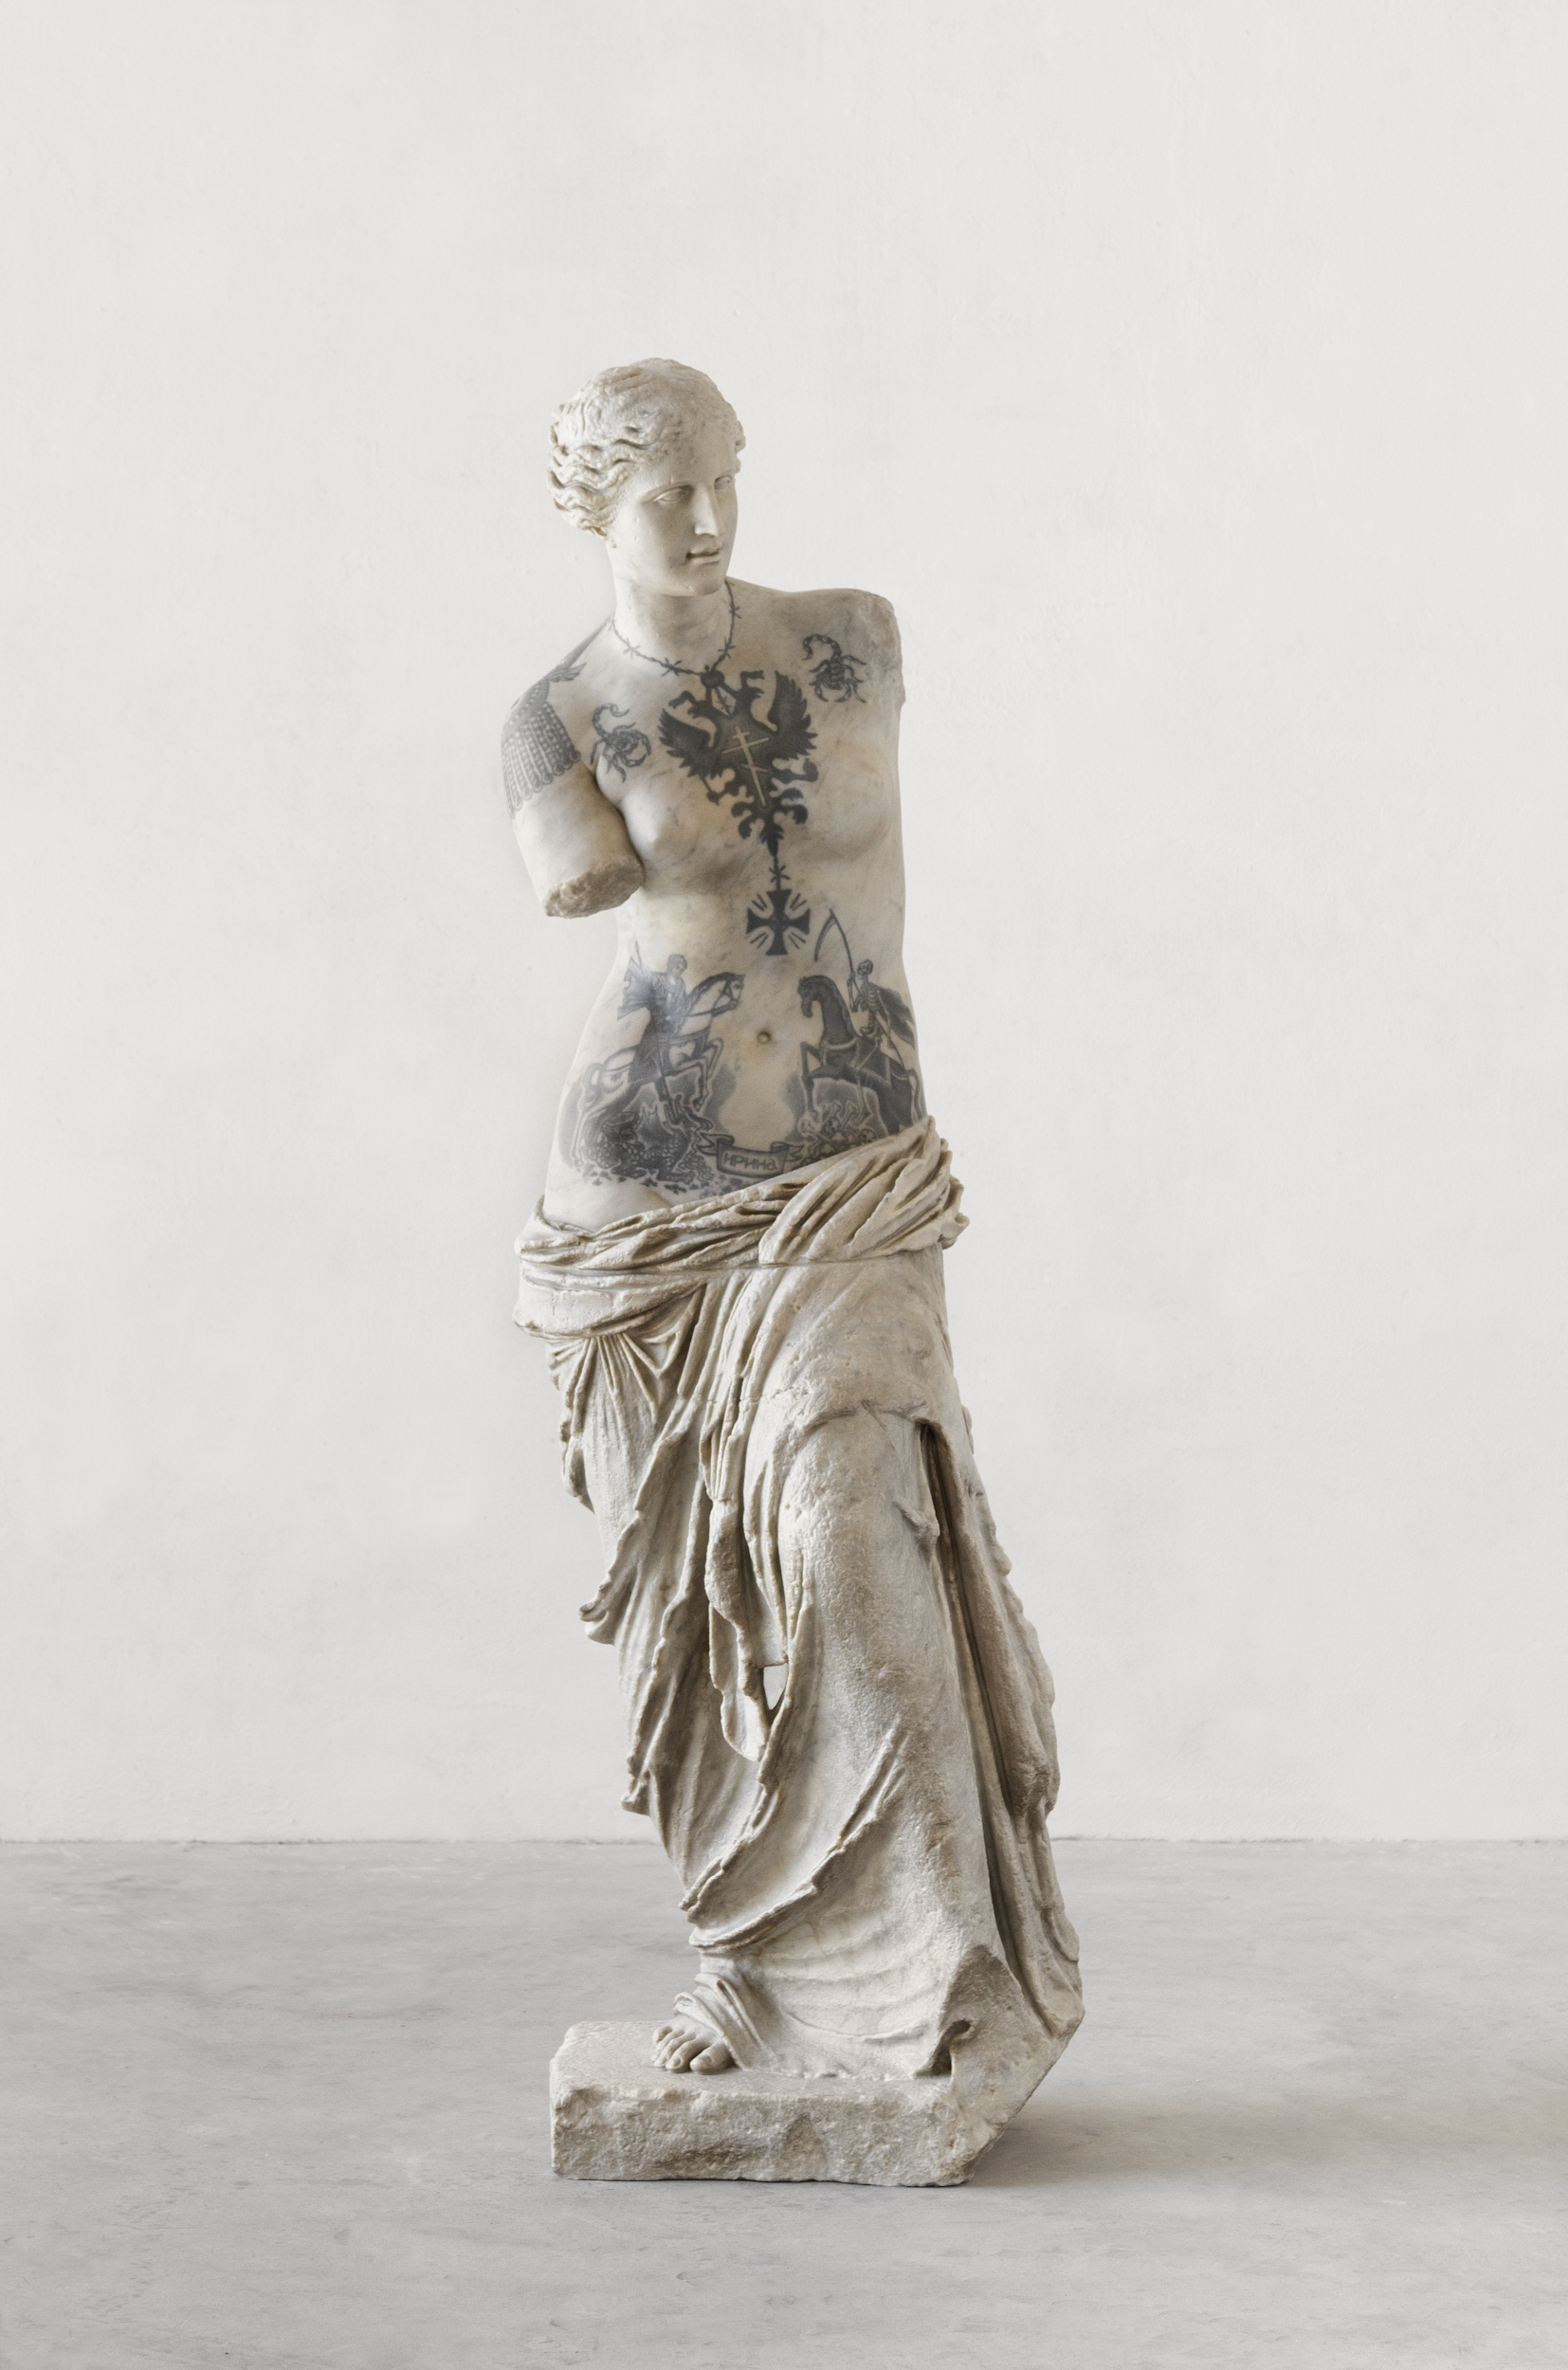 venus-2017-marmo-bianco-e-pigmenti-cm-214-x-68-x-65-img8909